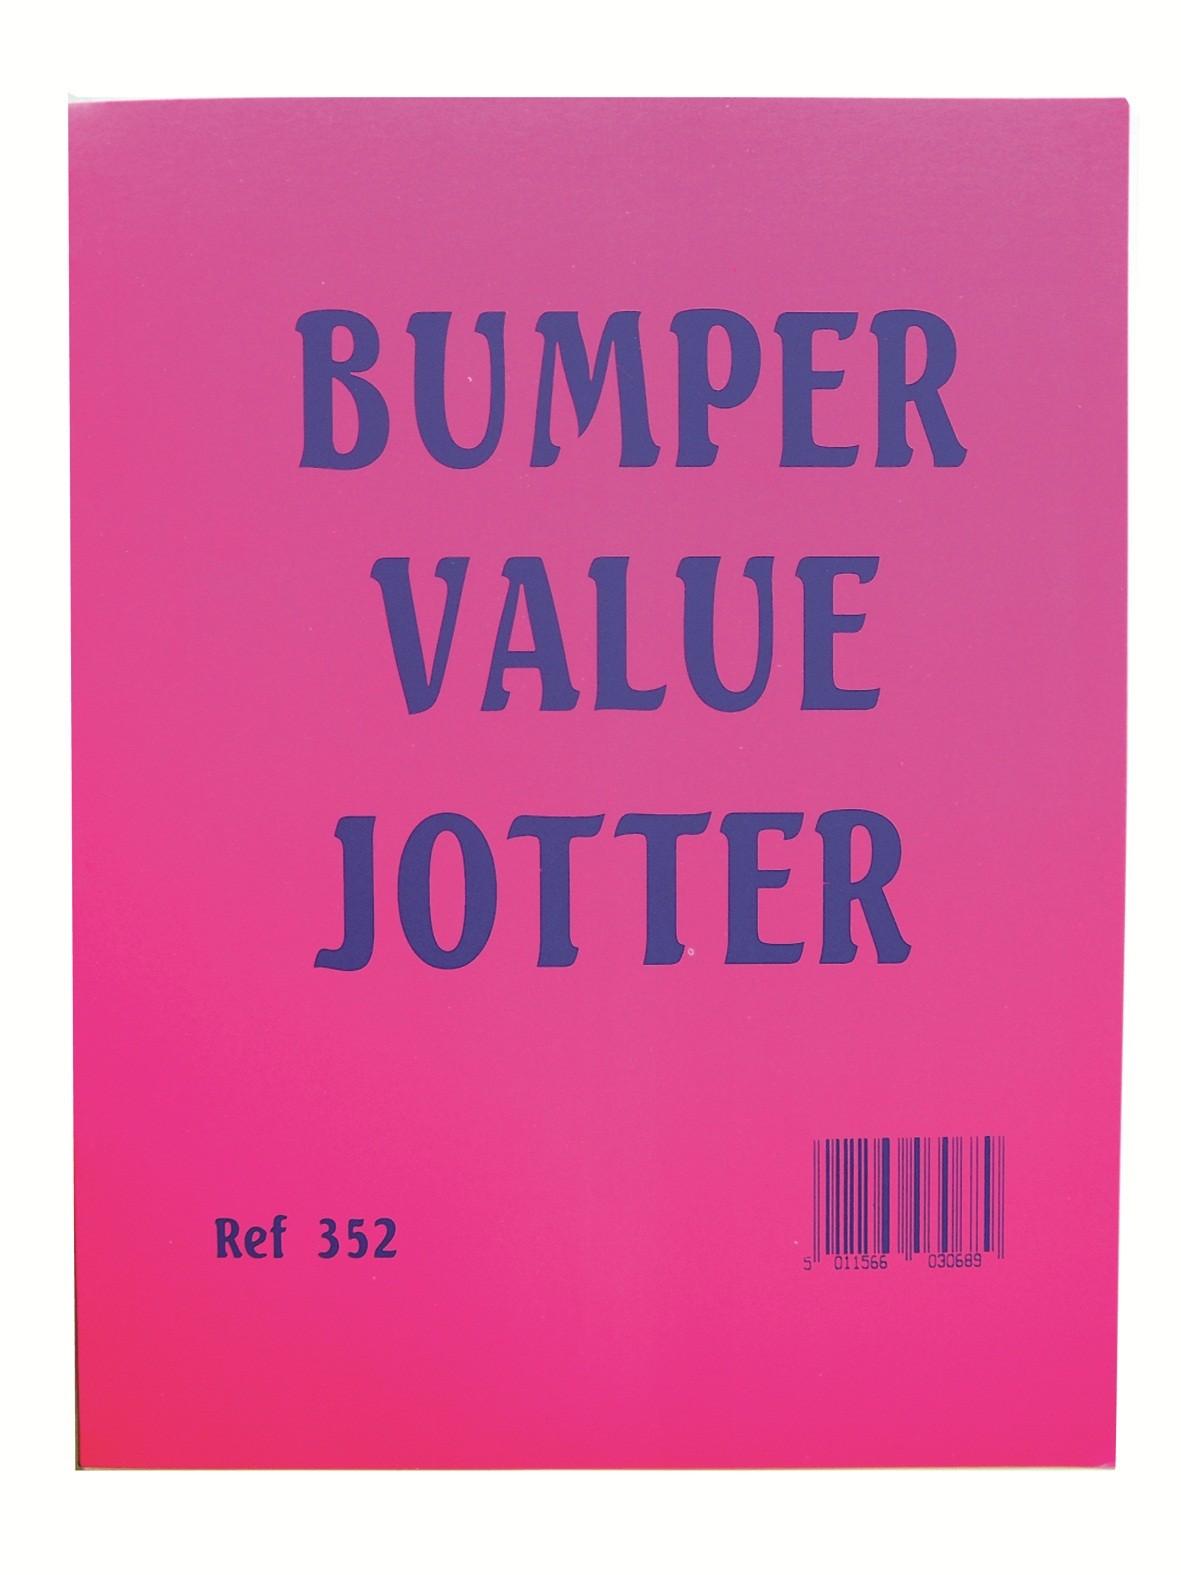 Bumper value jotter pad